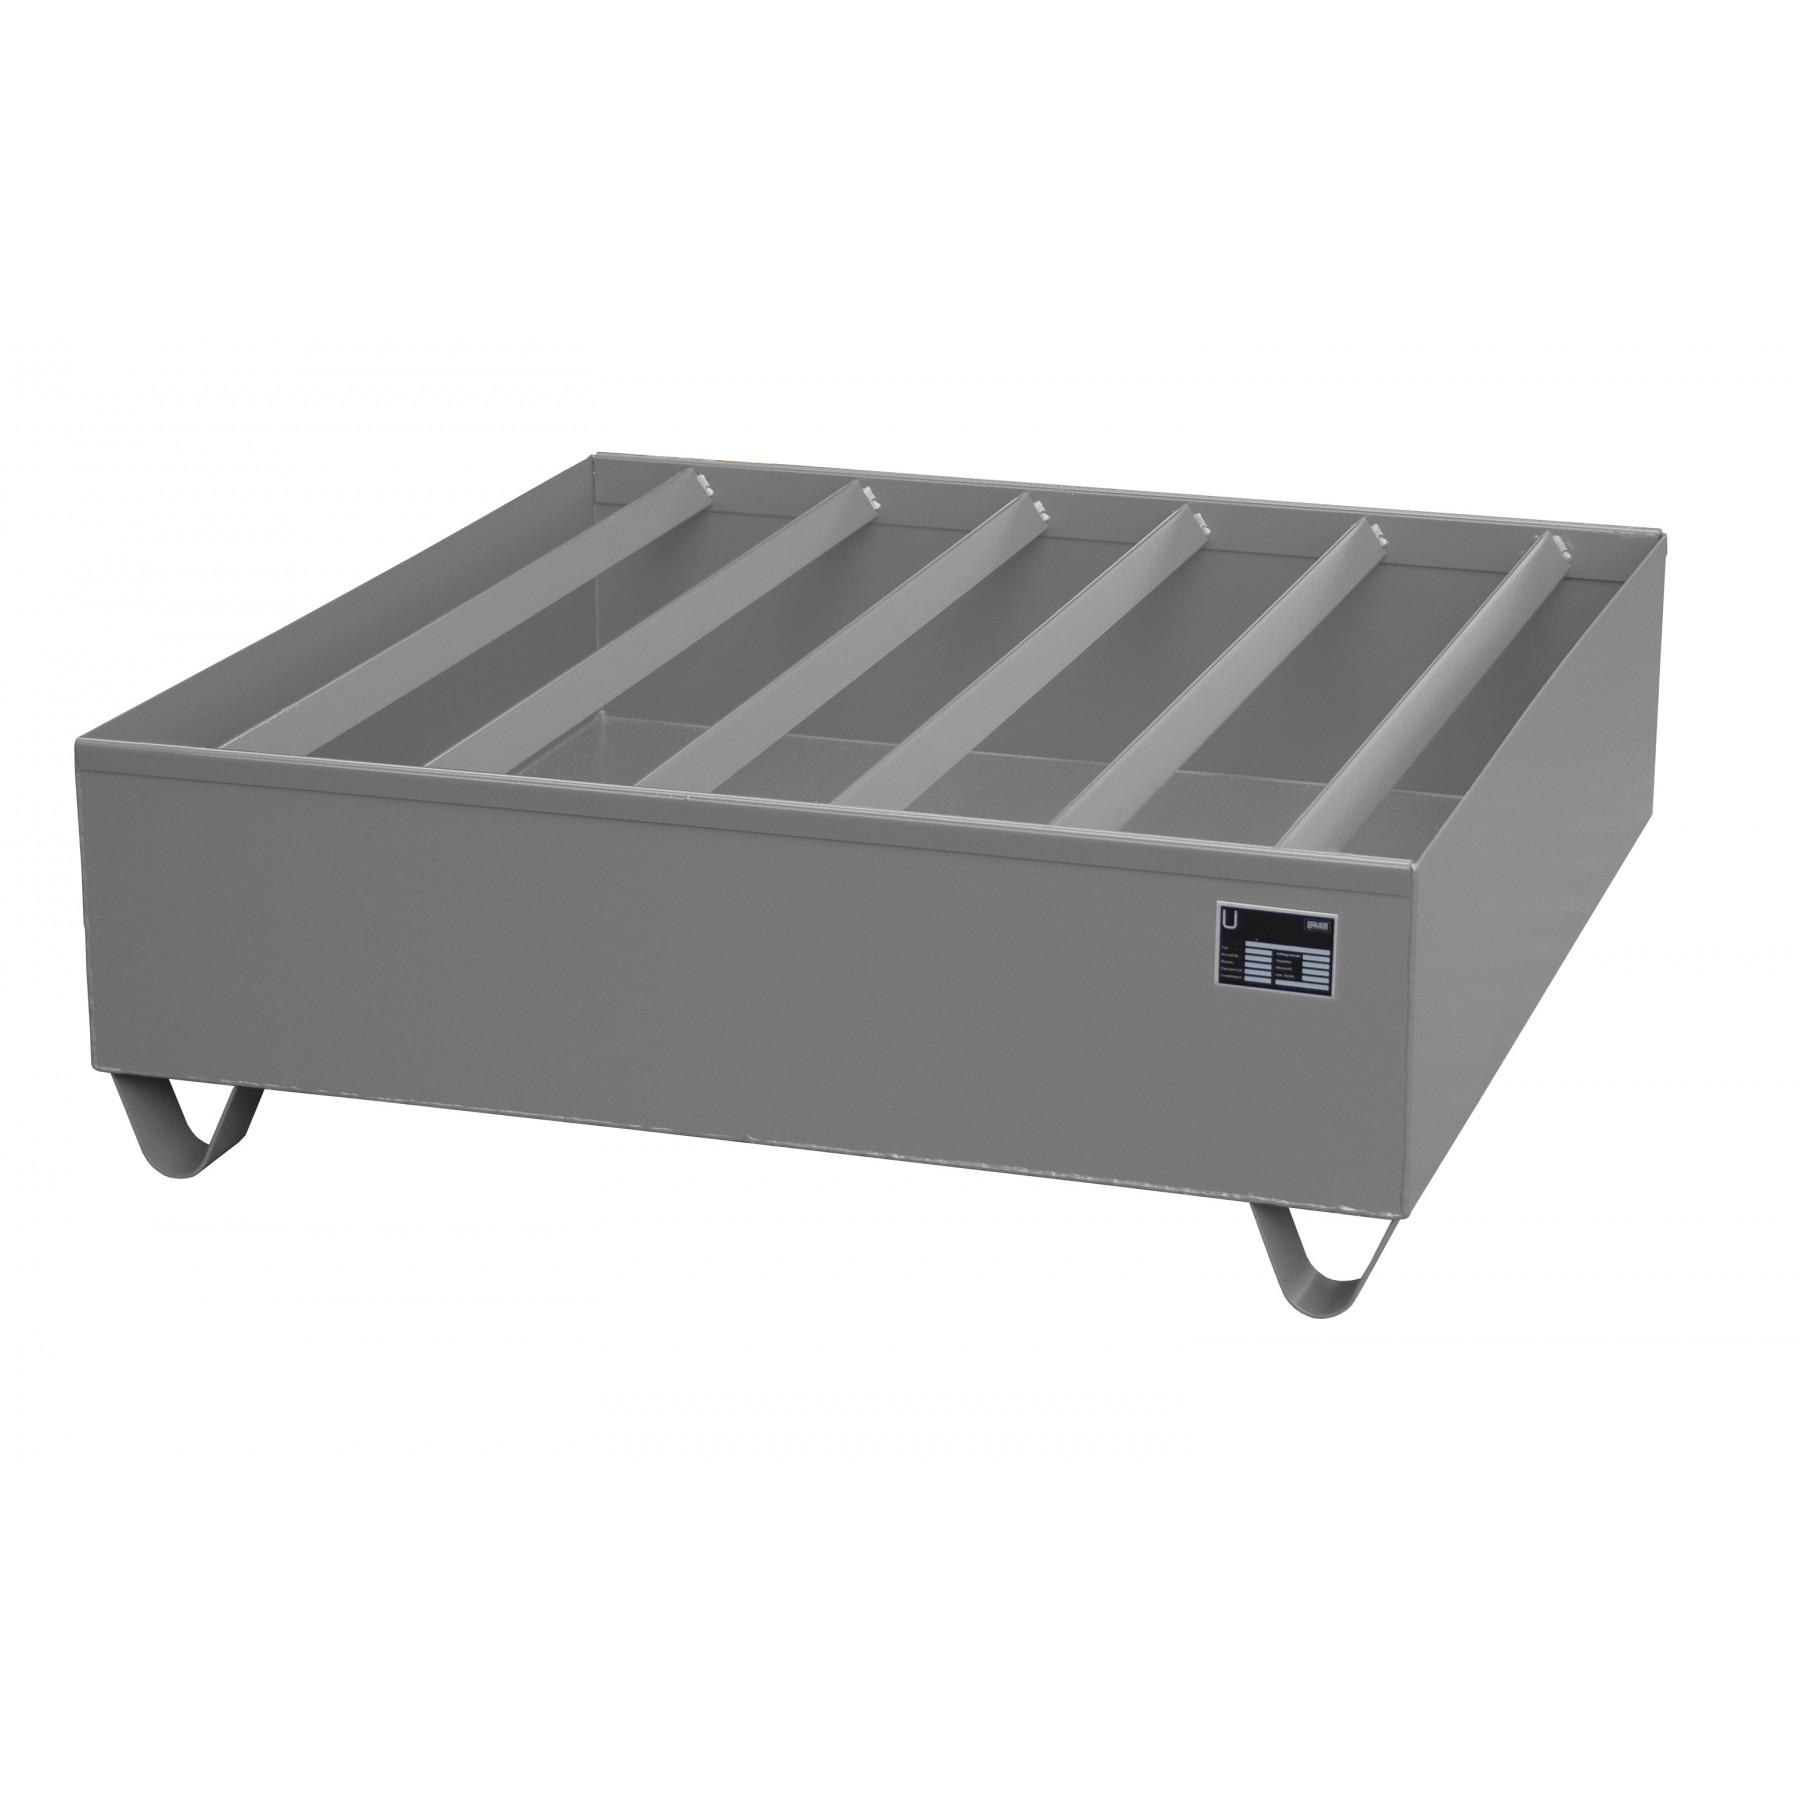 Profiel opvangbakken voor 4x 200 liter vaten, vervaardigd van 3mm staalplaat